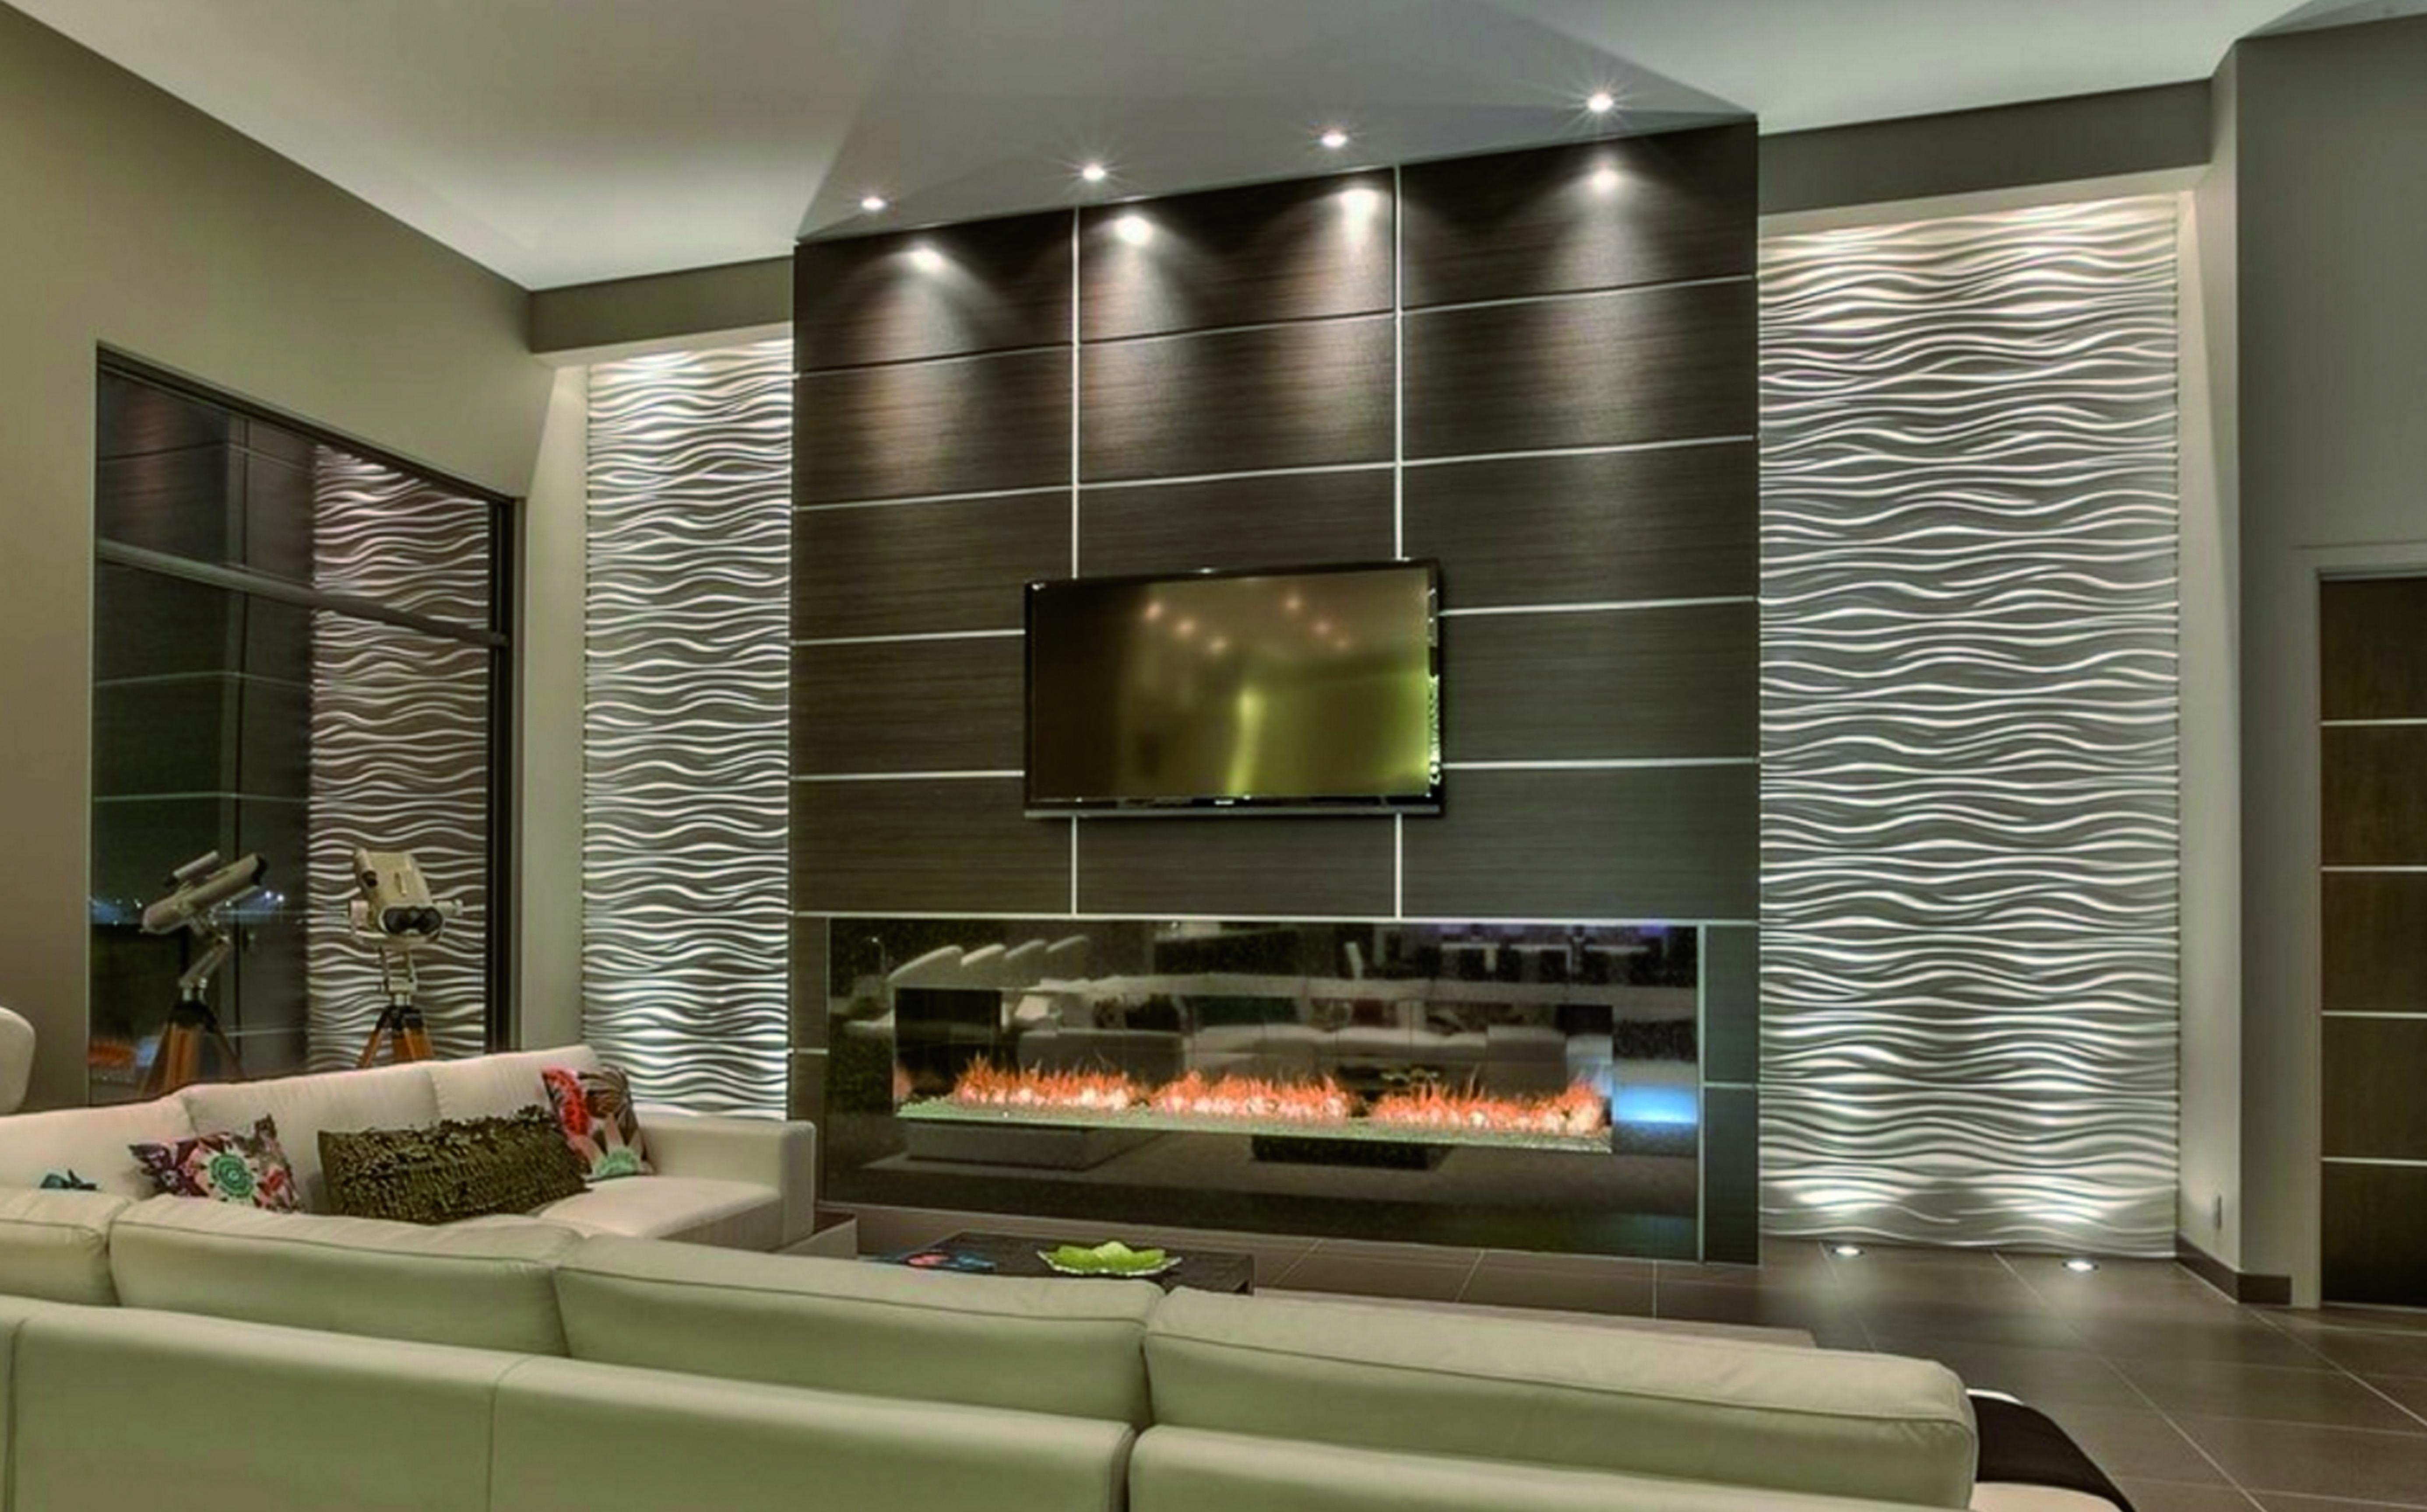 Mur En Parement Salon l'art d'habillez vos murs ! parements staff décor. #parement